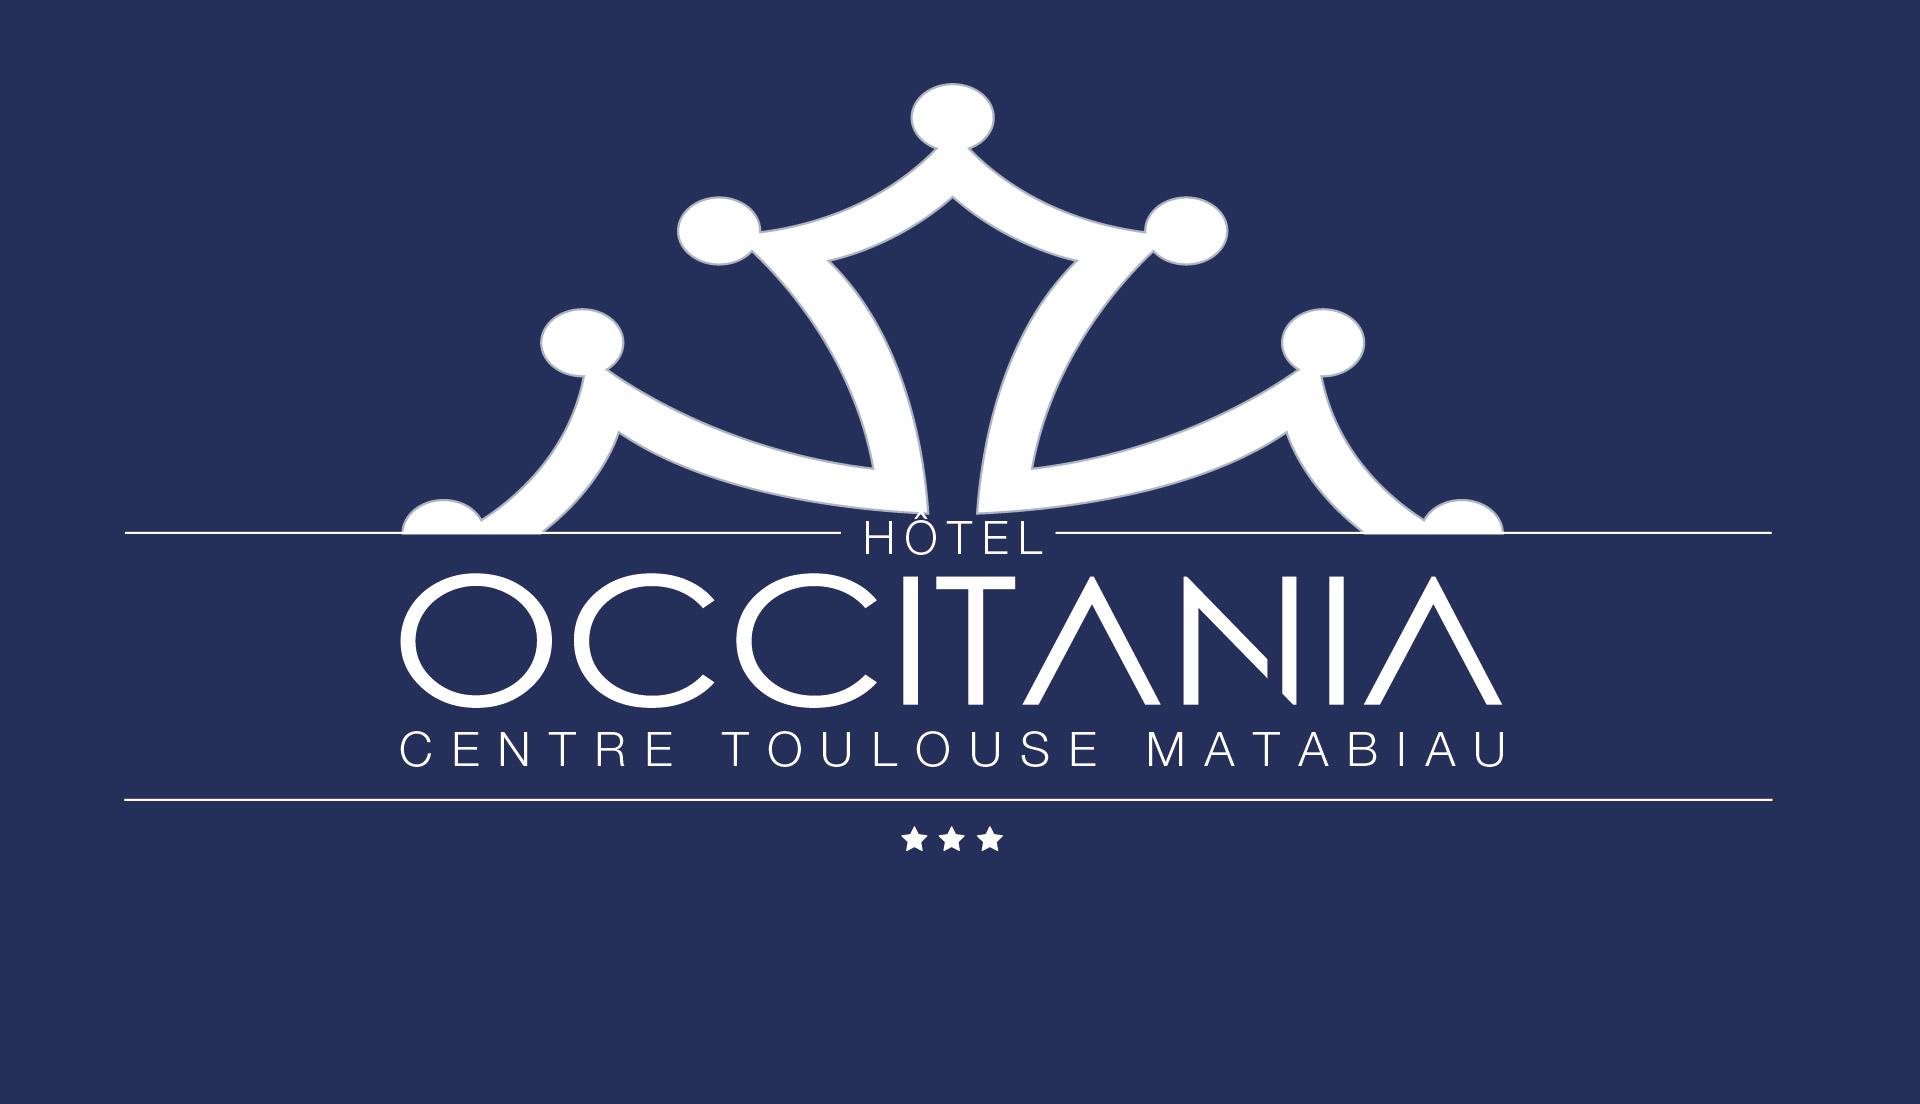 Hôtel Occitania